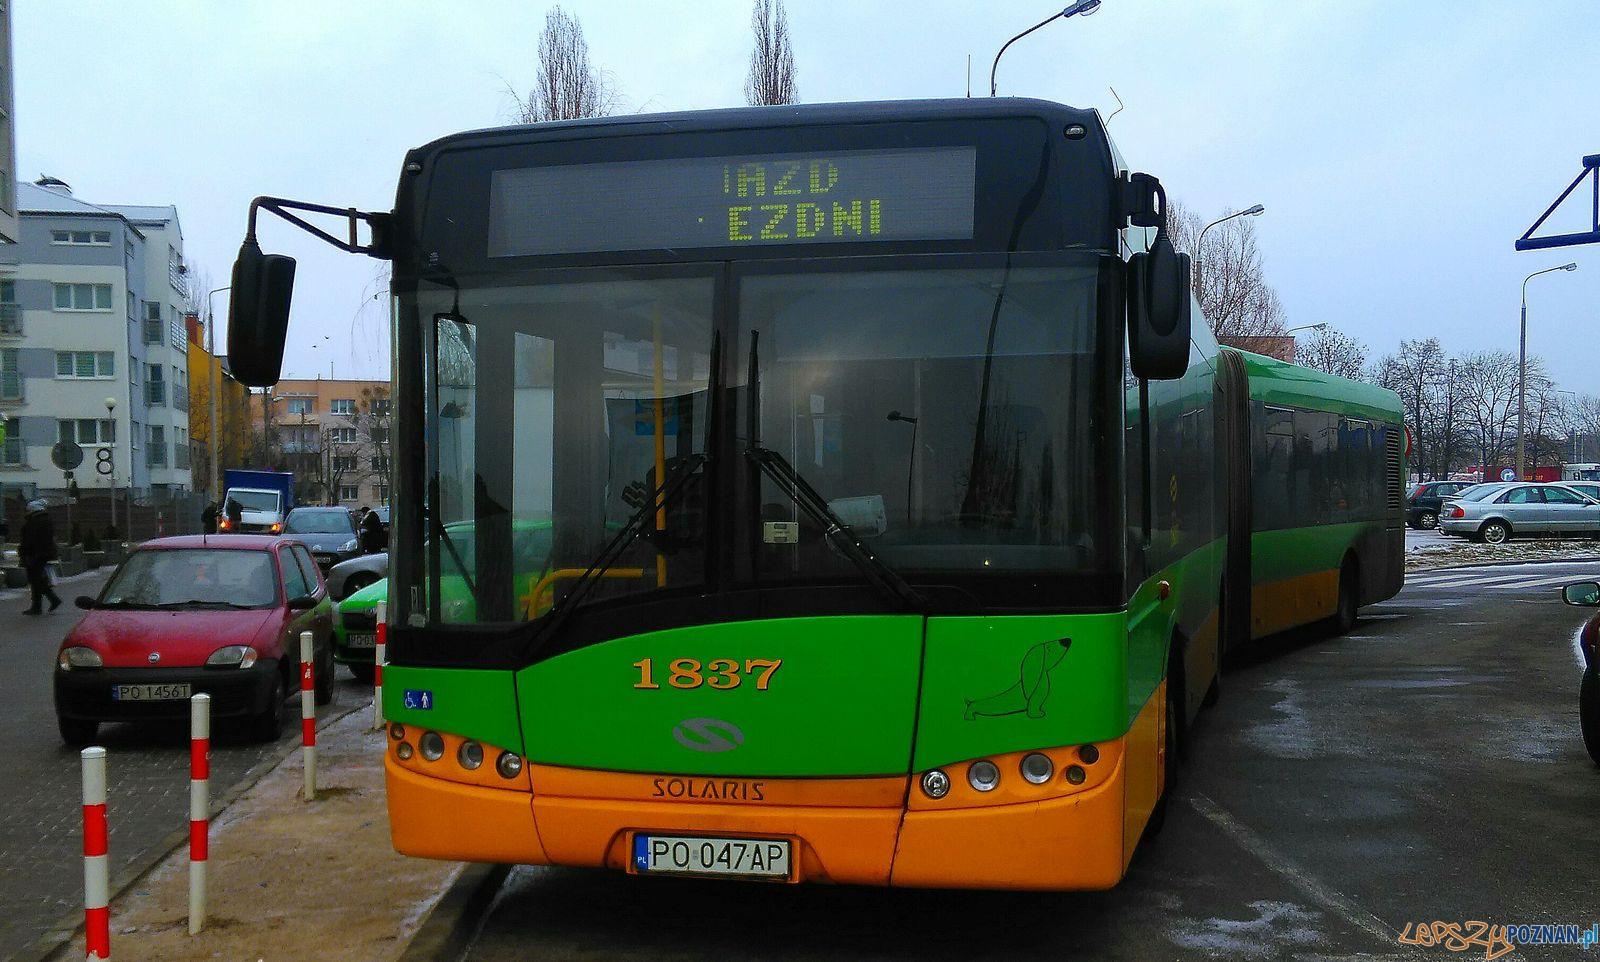 Autobus Rataje  Foto: Tomasz Dworek